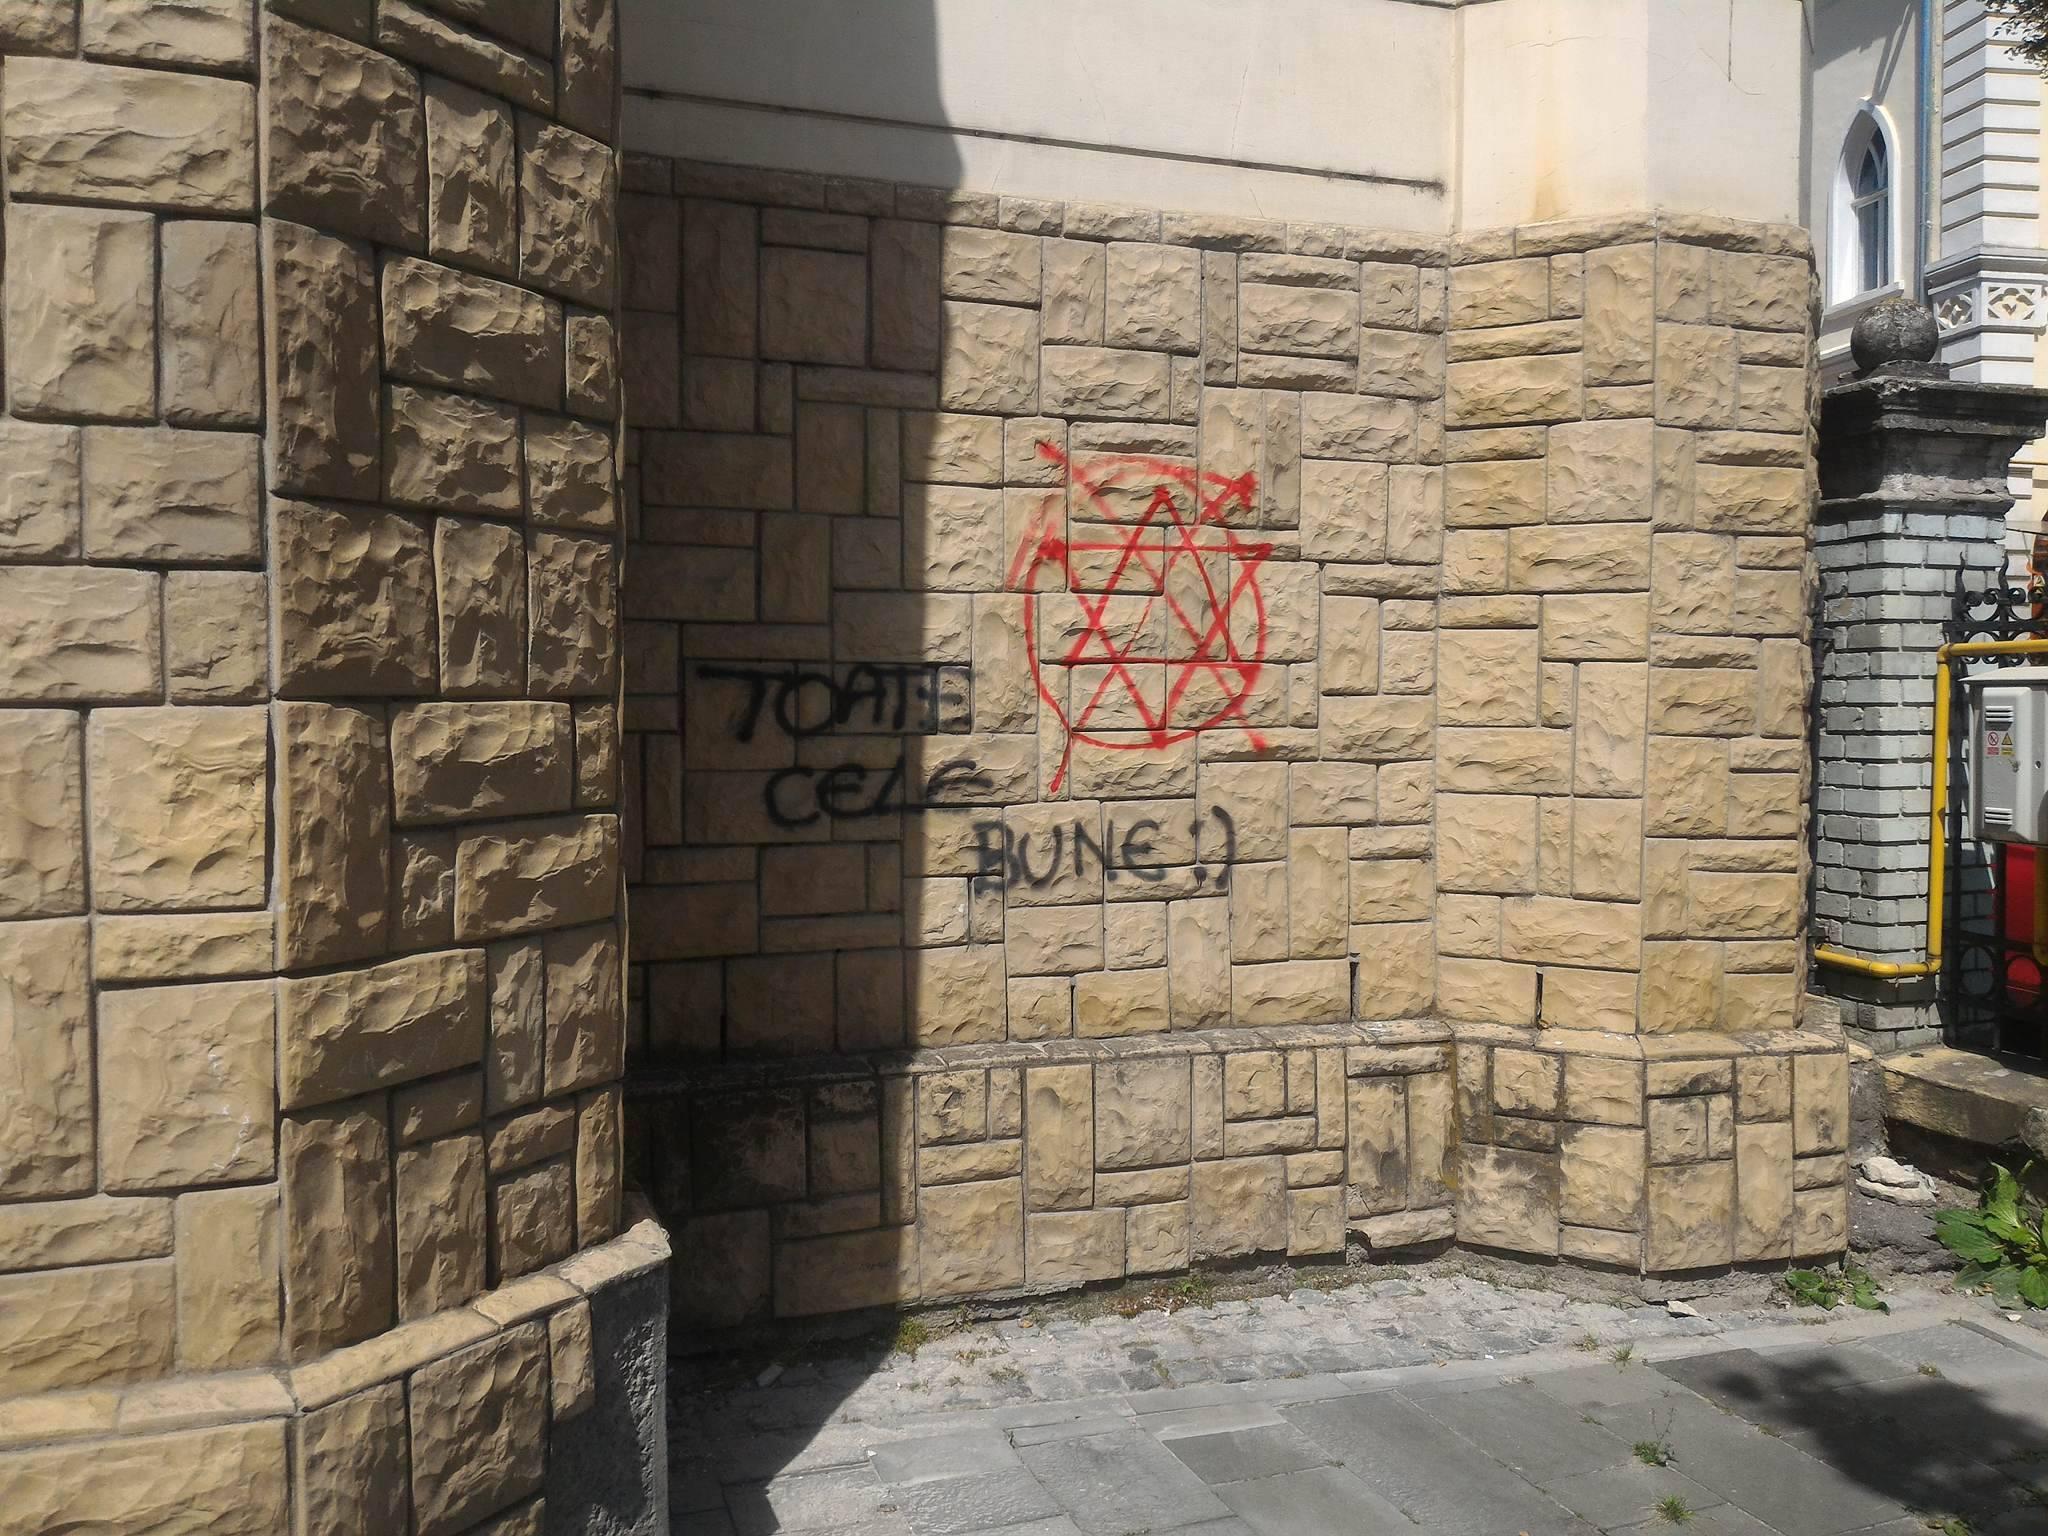 FOTO Holocaustul, negat prin inscripţii antisemite pe Sinagoga Evreiască din Cluj-Napoca. Poliţia a fost sesizată